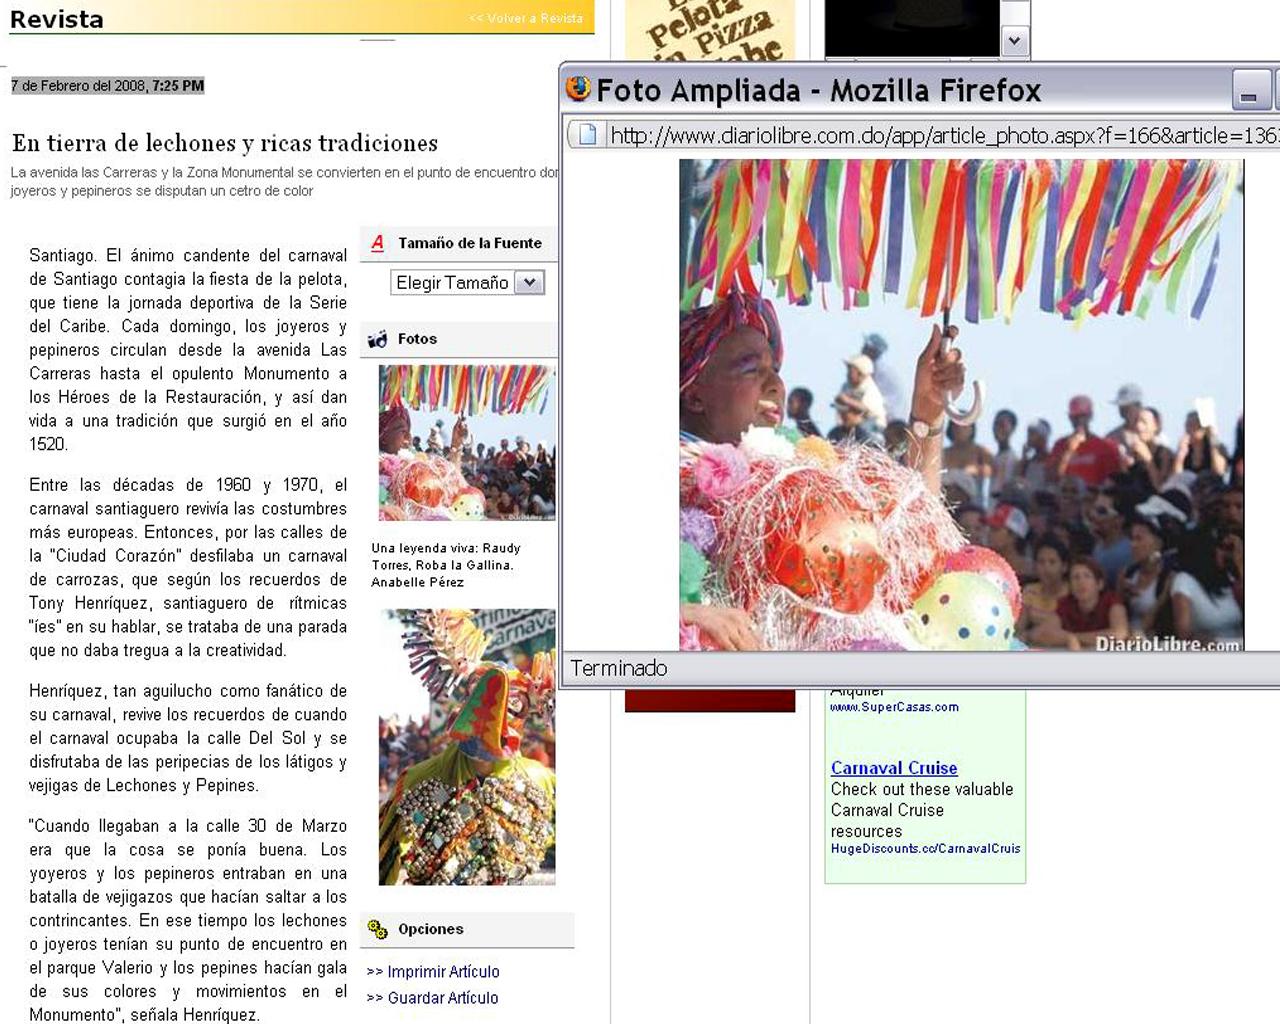 Diario libre-Revista:  web e impreso. Especial Feb 08